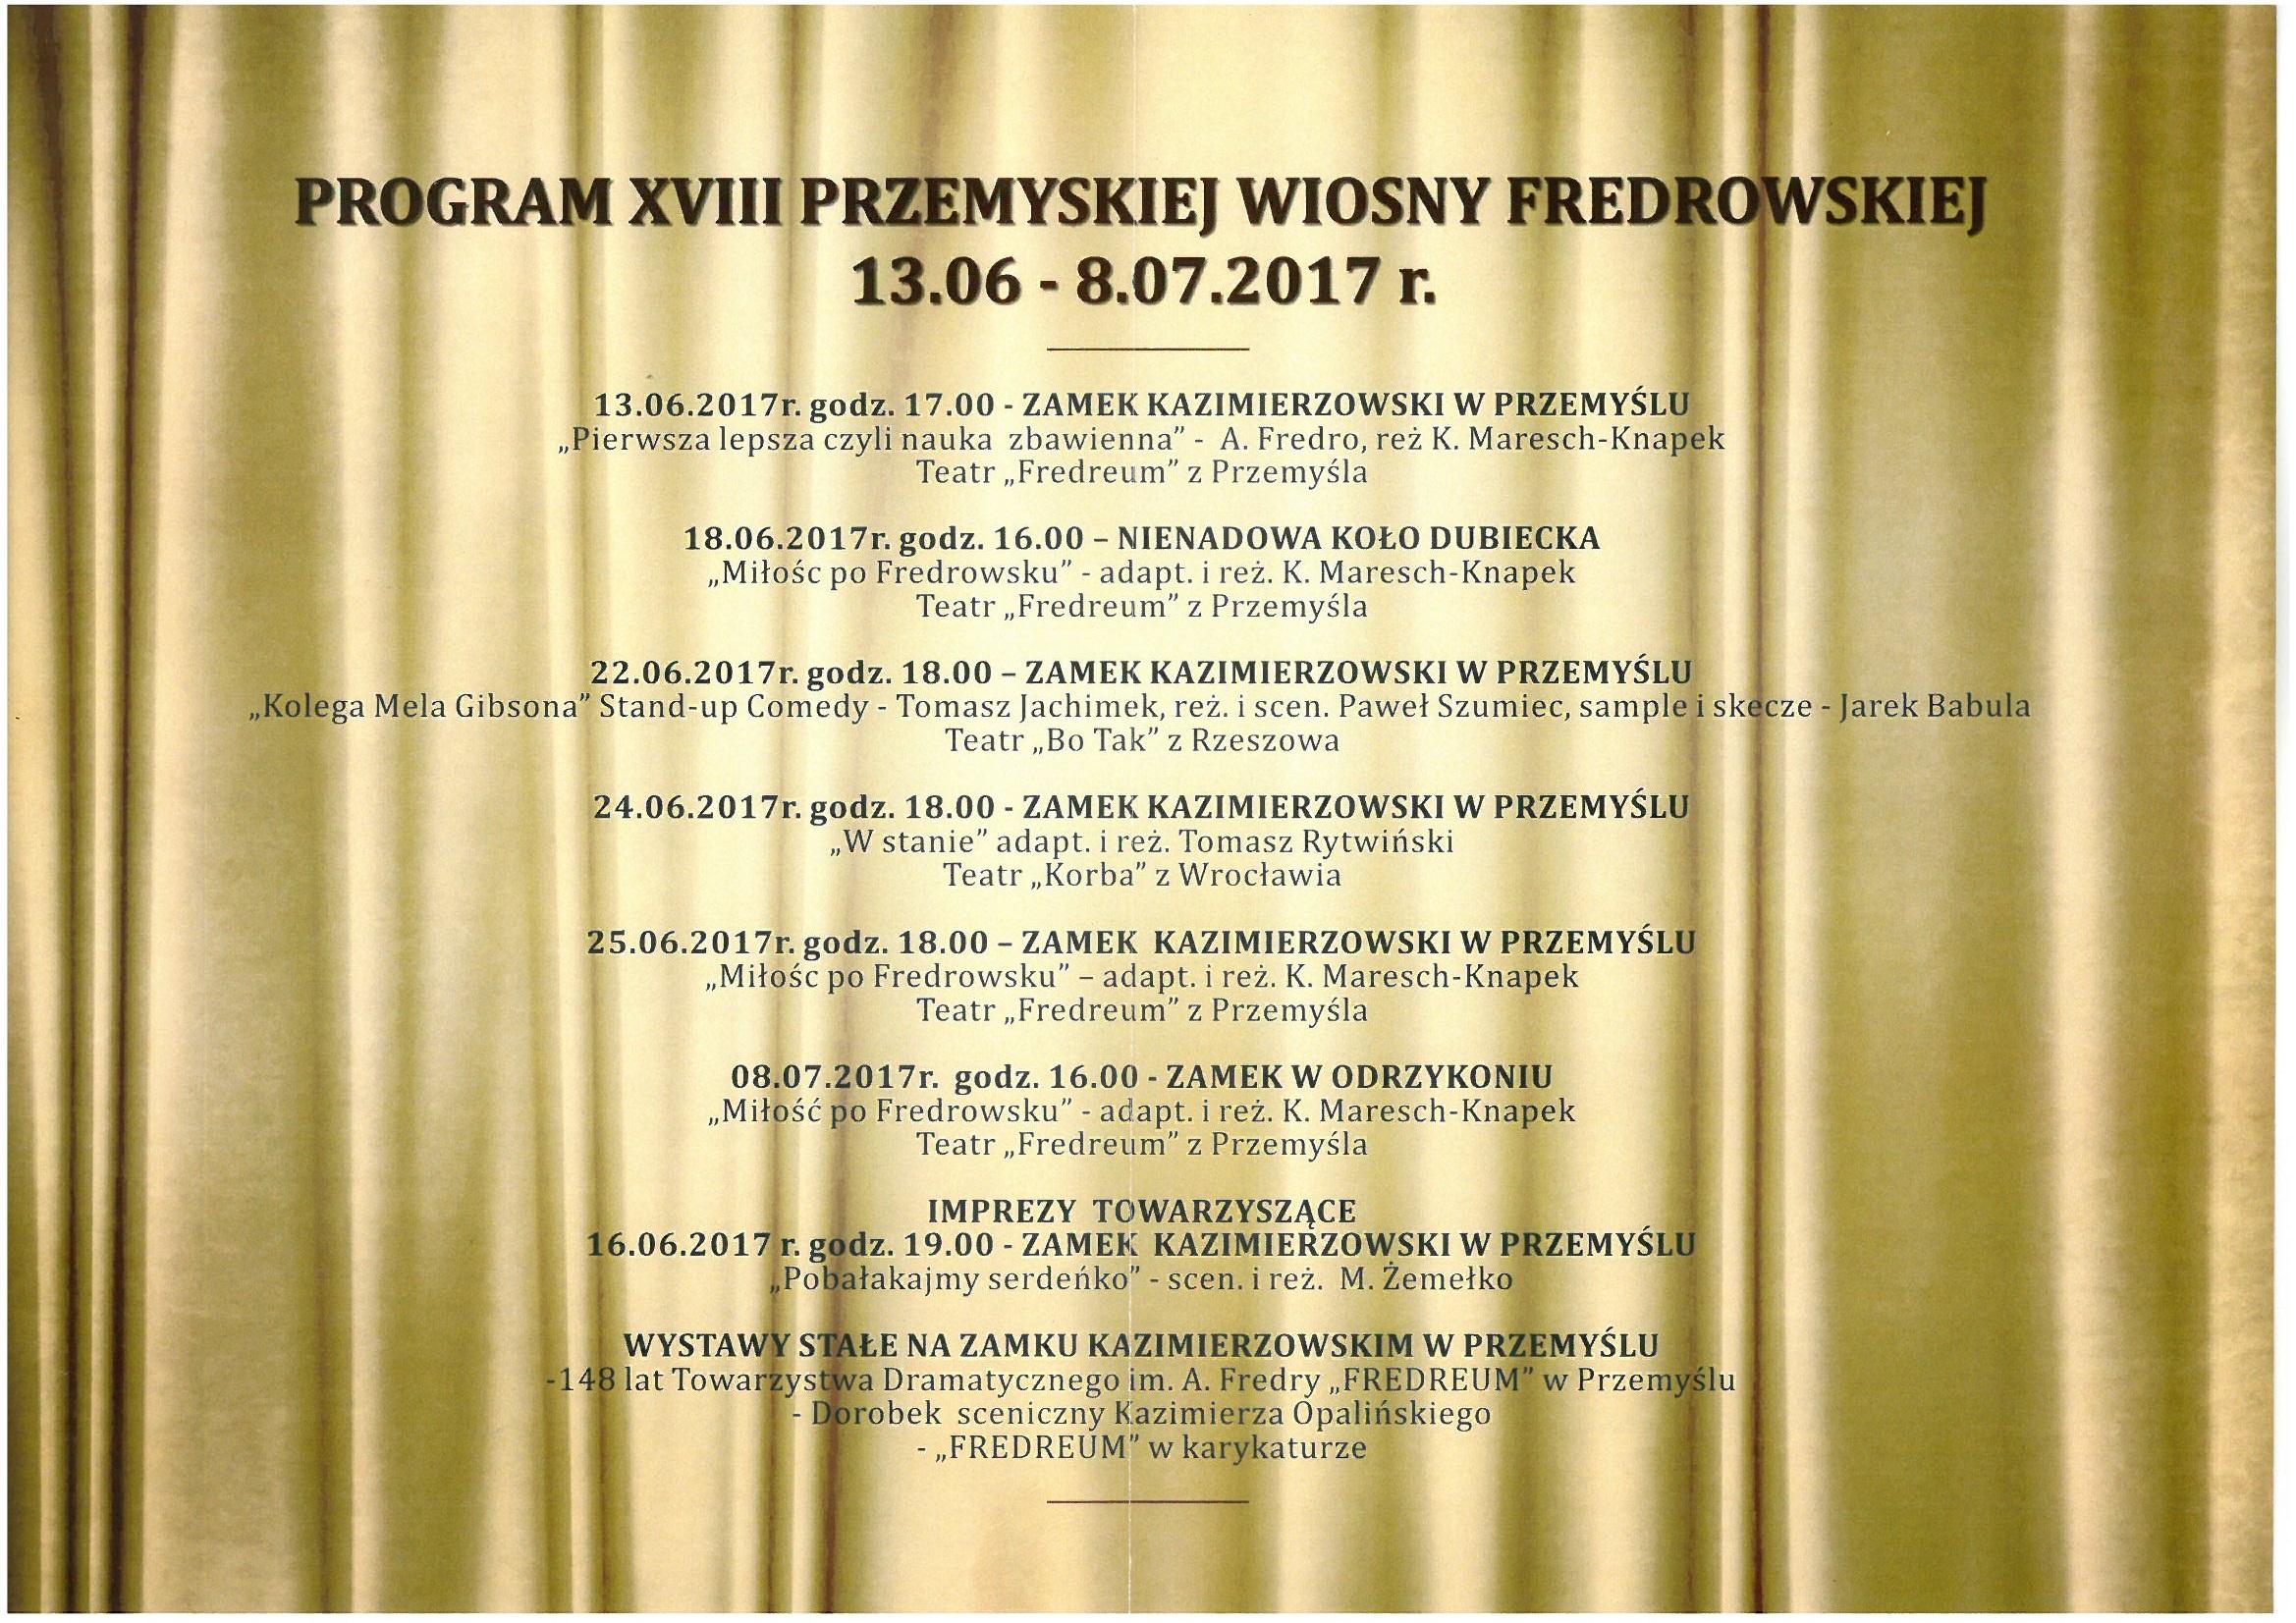 XVIII Przemyska Wiosna Fredrowska kalendarium